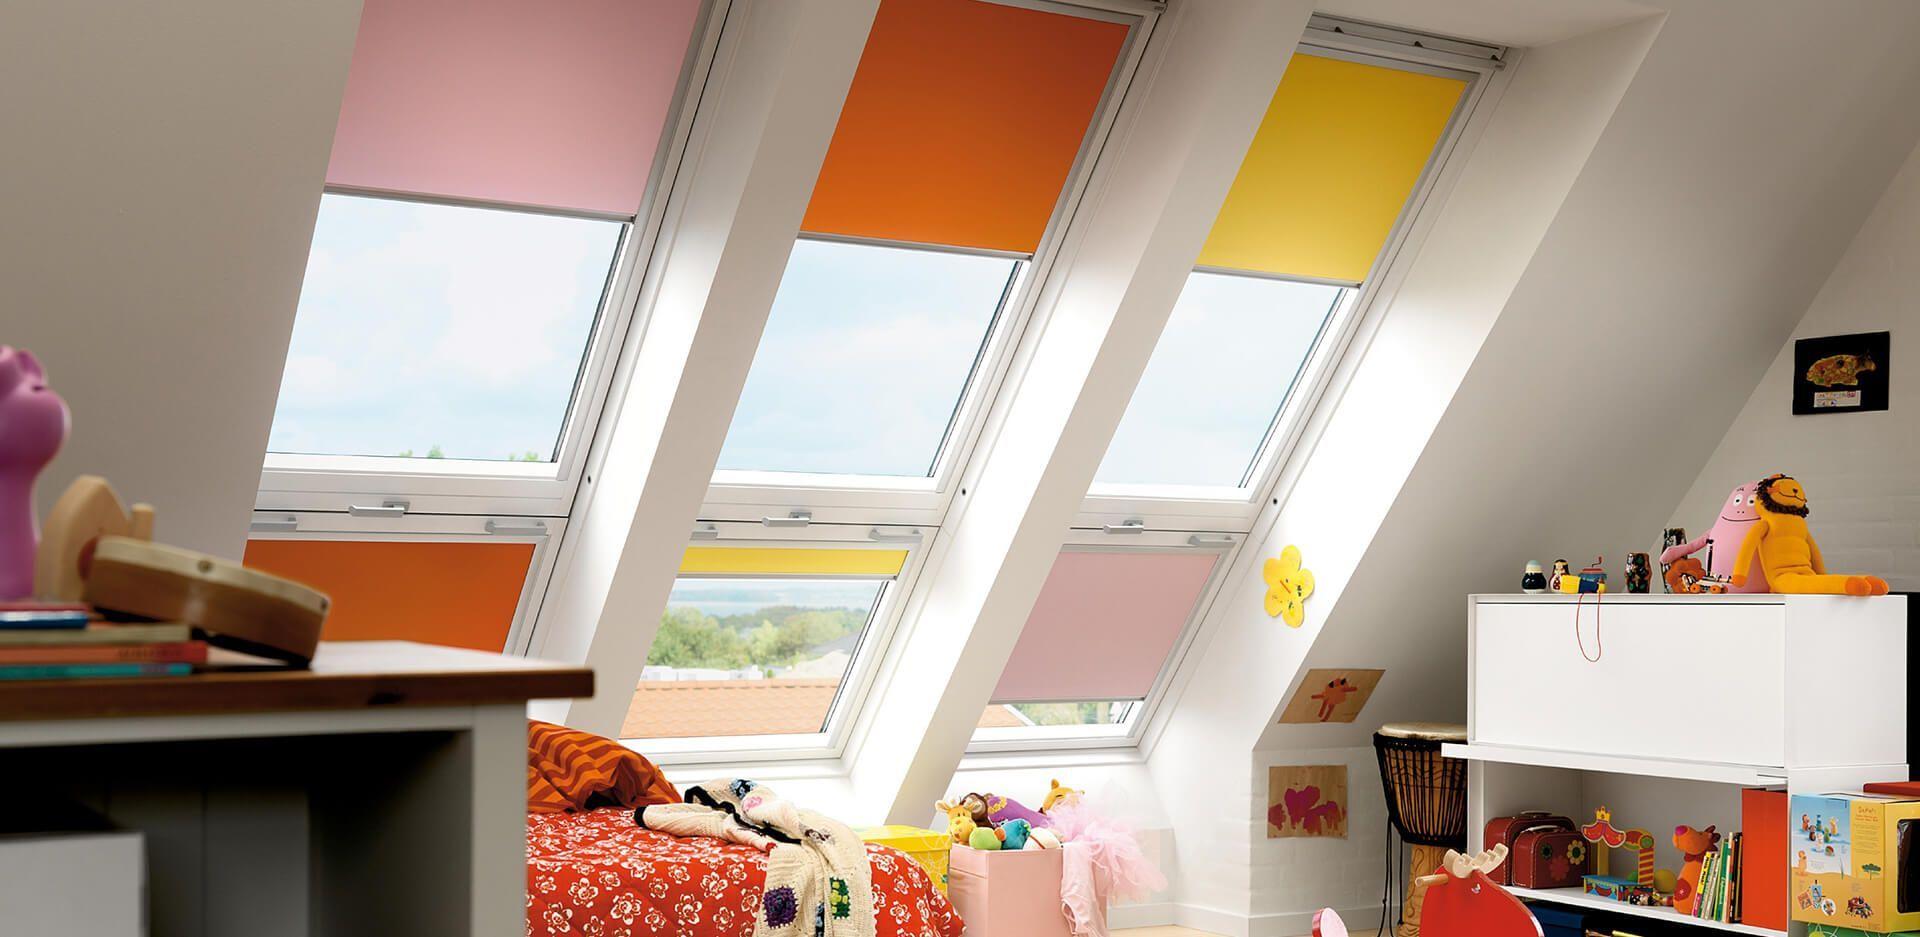 Cortinas de múltiples colores para ventanas de tejado Velux.